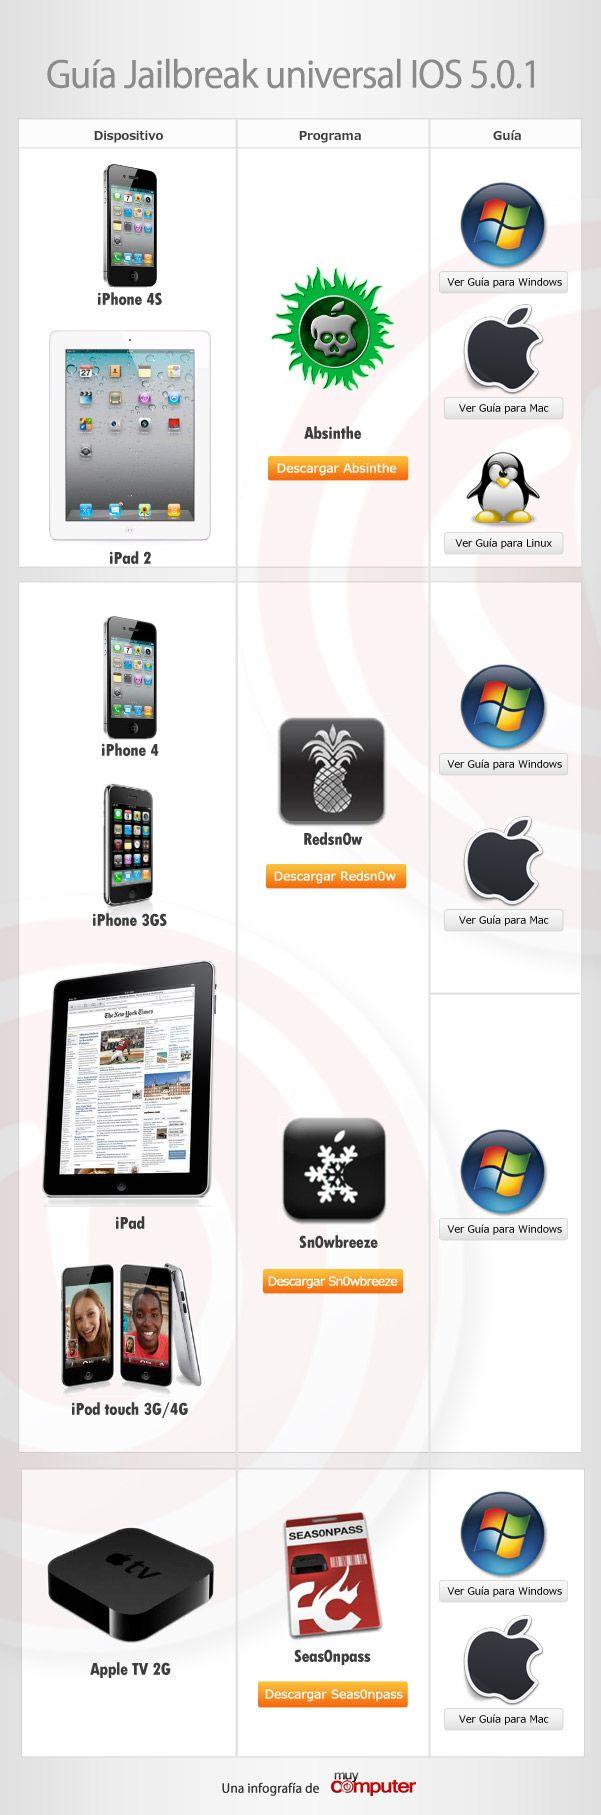 Guía universal de Jailbreak untethered iOS 5.0.1, sea cual sea tu dispositivo 34